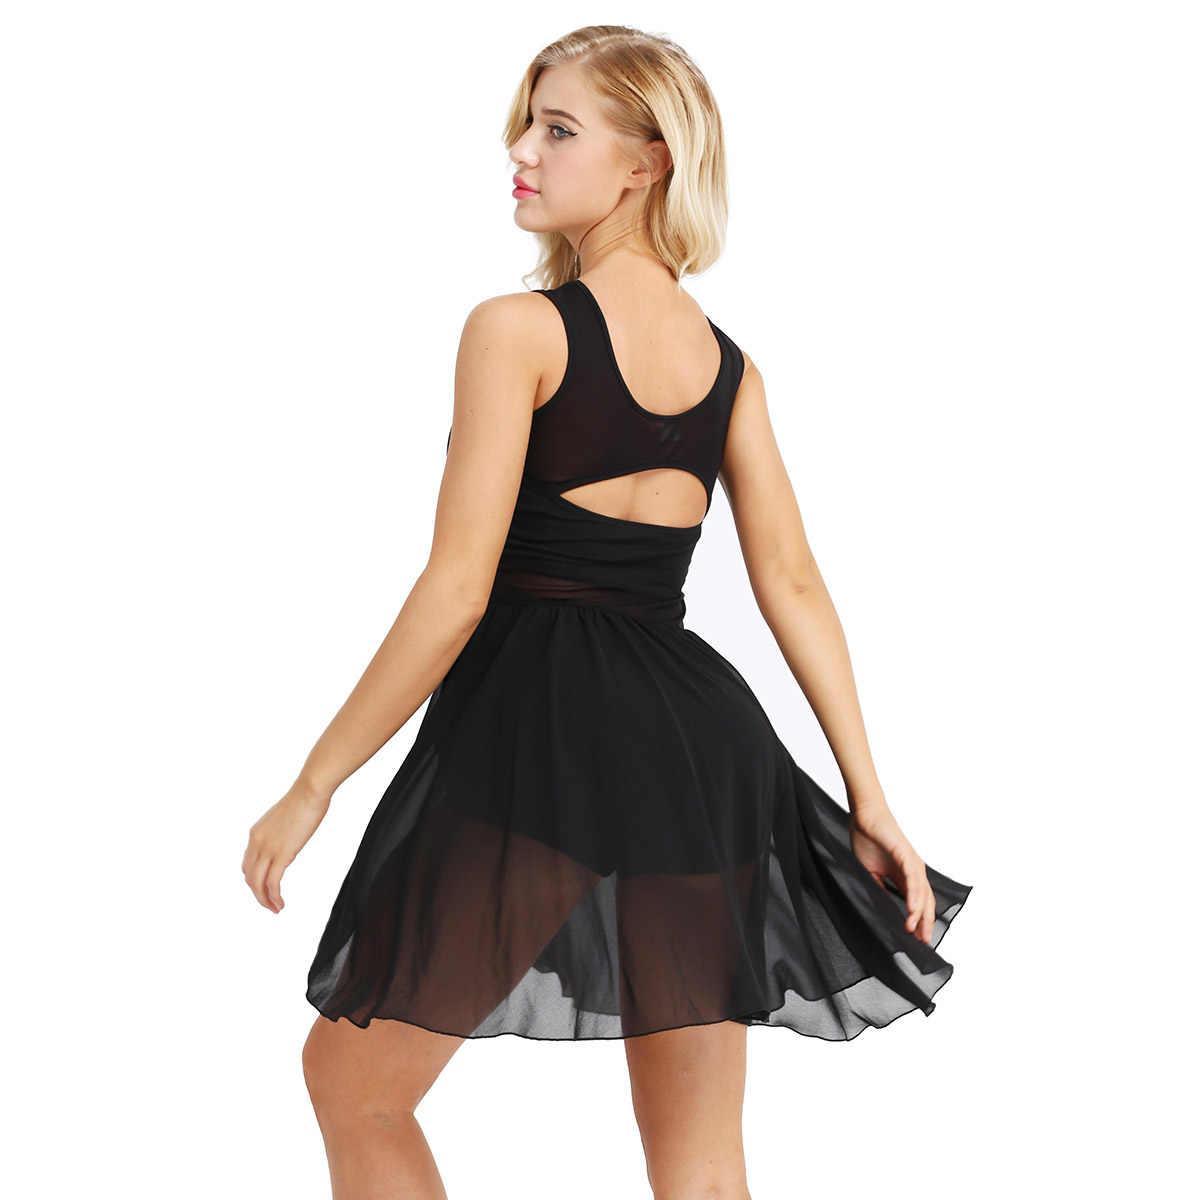 バレエレオタード女性のための大人のバレエドレス非対称シフォンバレエダンス体操レオタード女性ドレスバレリーナ